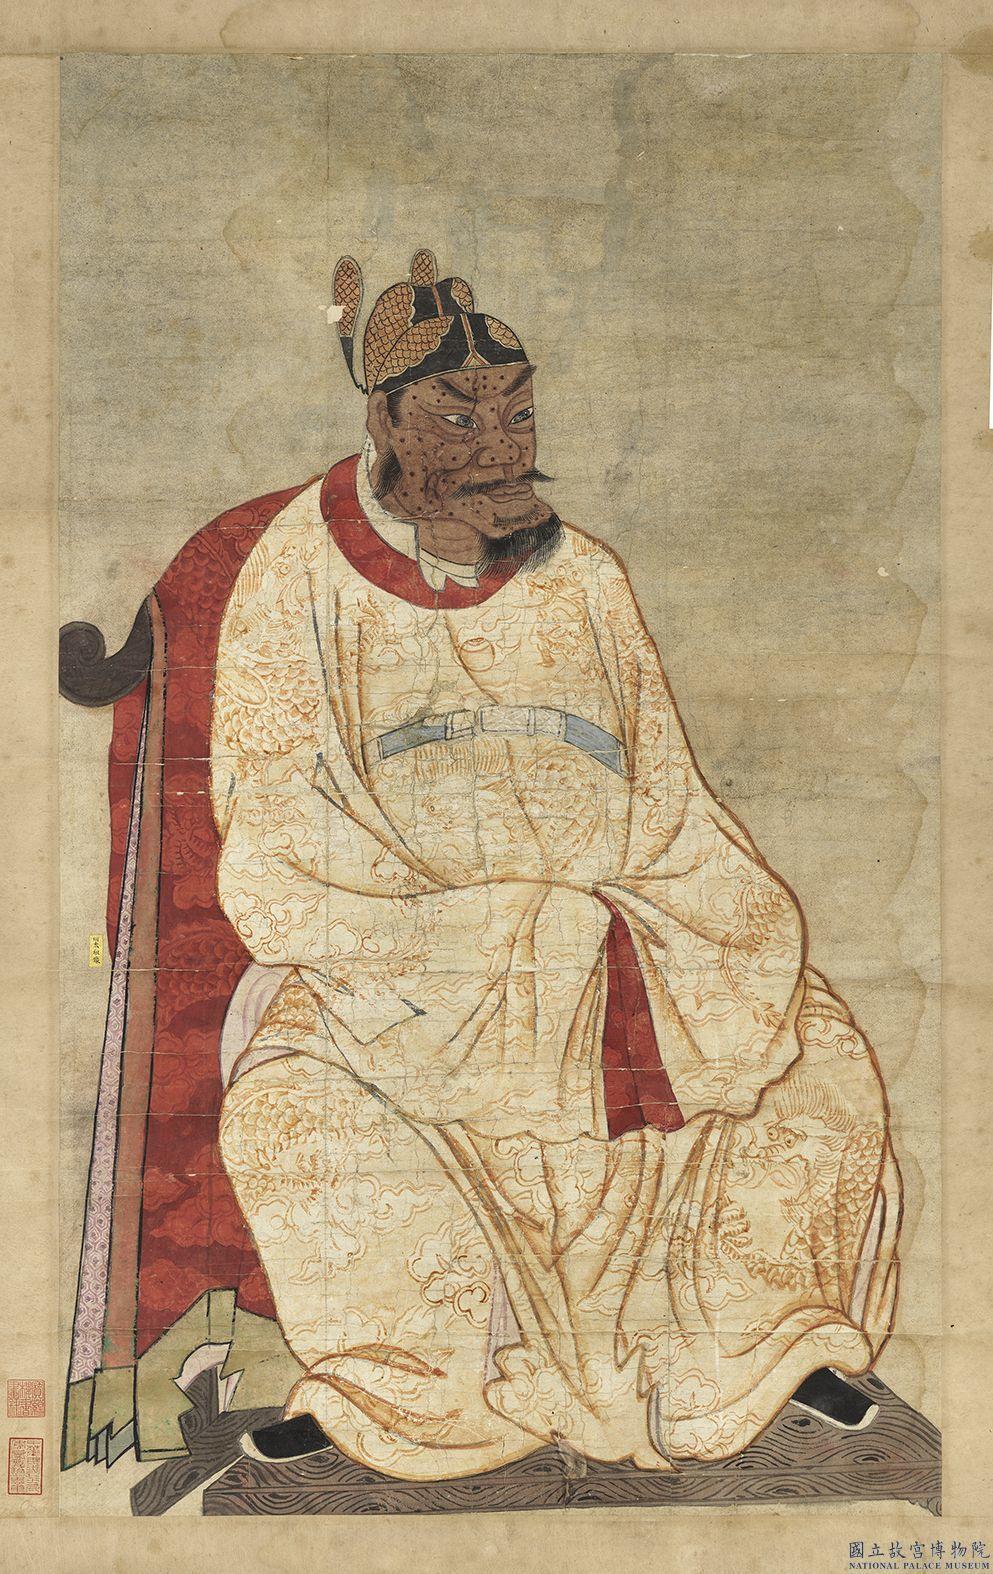 有後世學者分析,認為皇帝外型似龍如豬是「天生異相」、天命所歸,長相奇醜反而是「神...